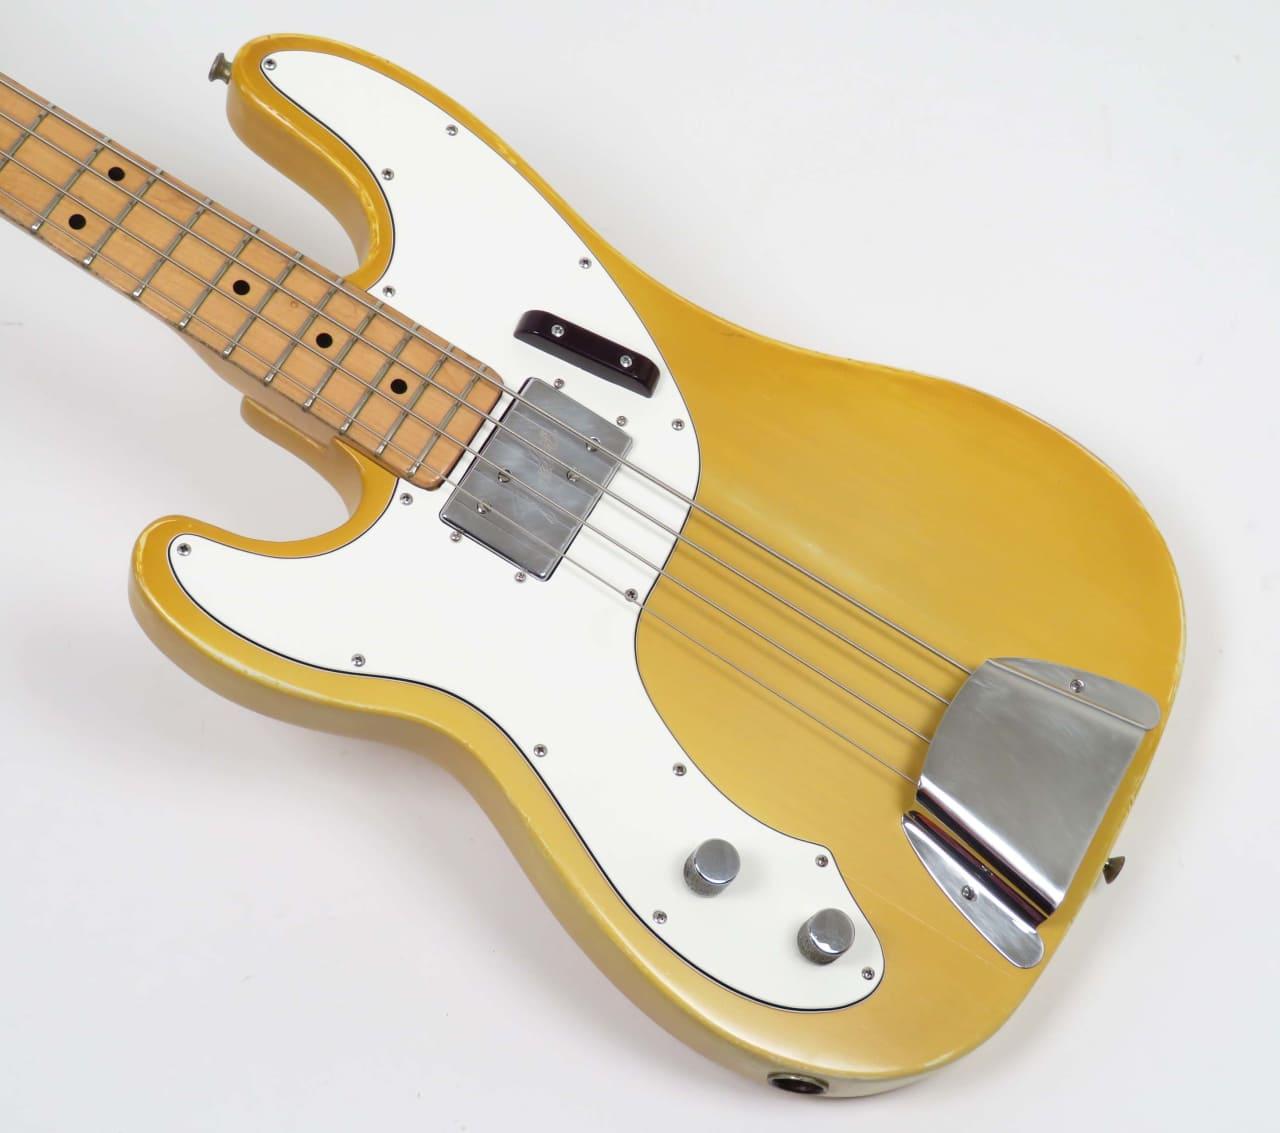 fender telecaster bass 1975 blonde refin left handed reverb. Black Bedroom Furniture Sets. Home Design Ideas